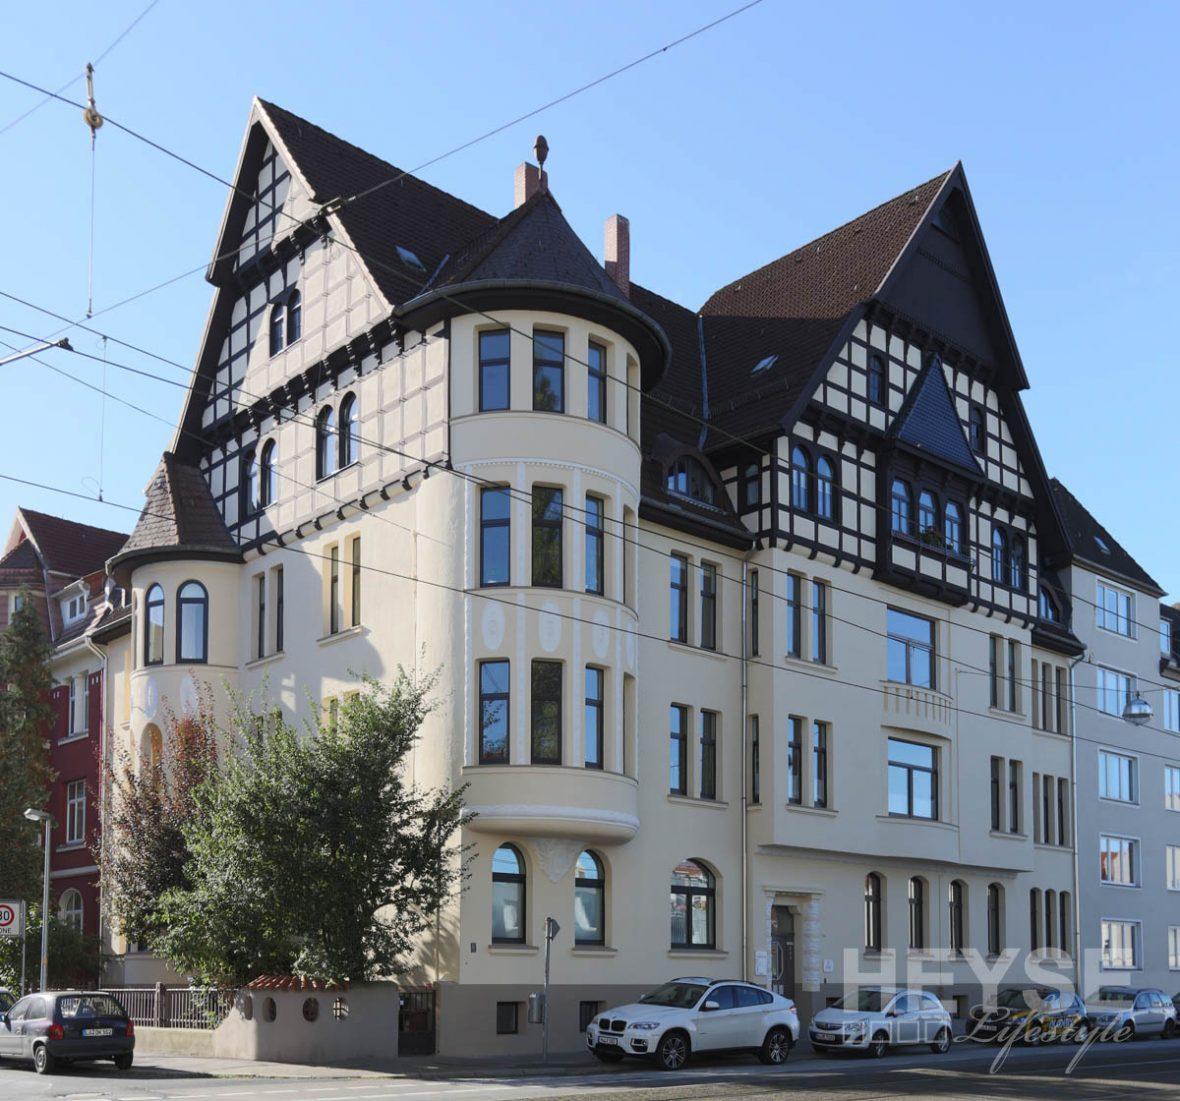 sanierung fassade fachwerk balkon und fenster mehrfamilienhaus in der list. Black Bedroom Furniture Sets. Home Design Ideas